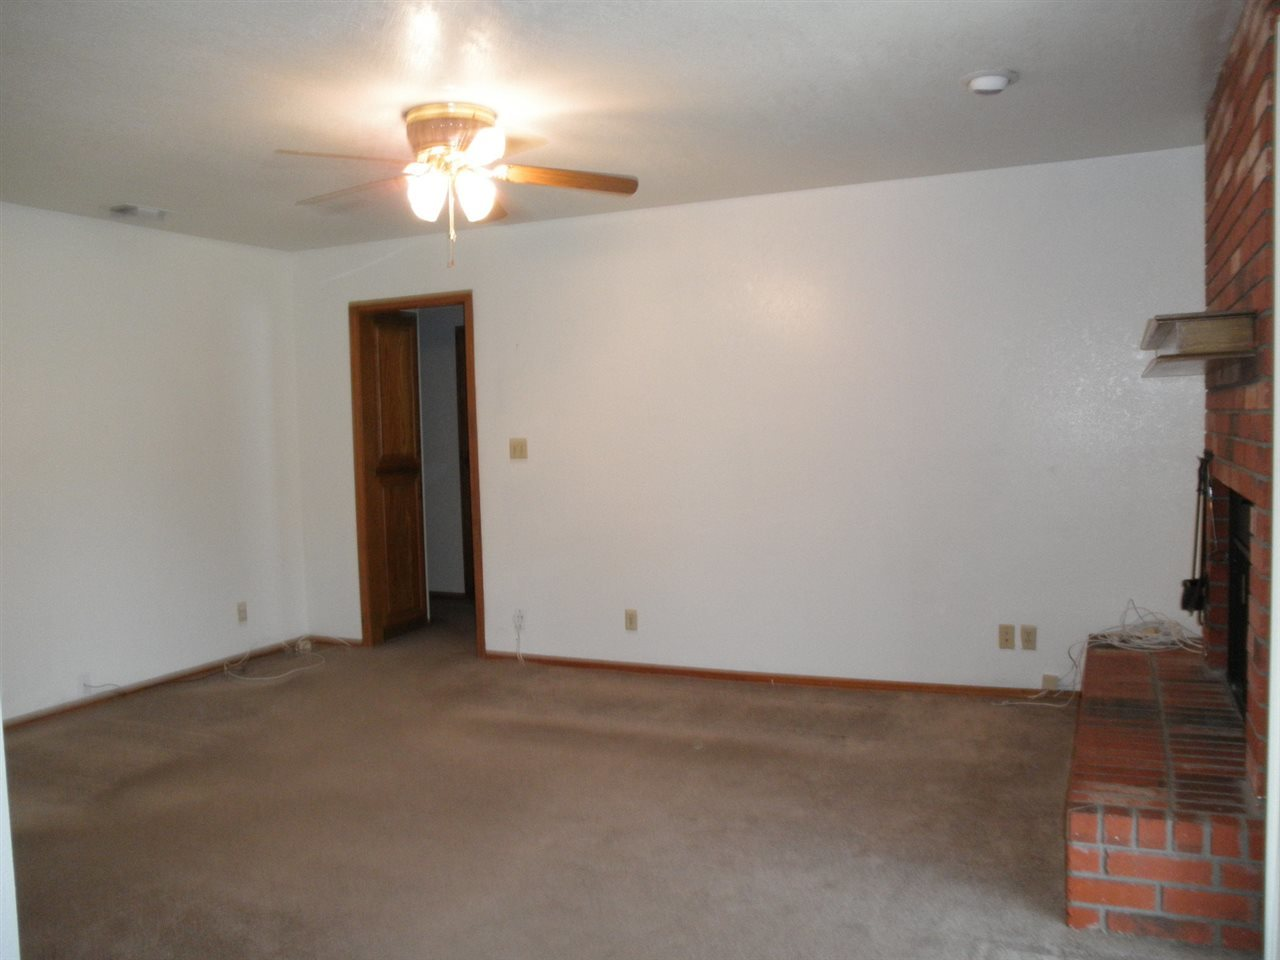 Sold Cross Sale W/ MLS | 124 Woodbury  Ponca City, OK 74601 2